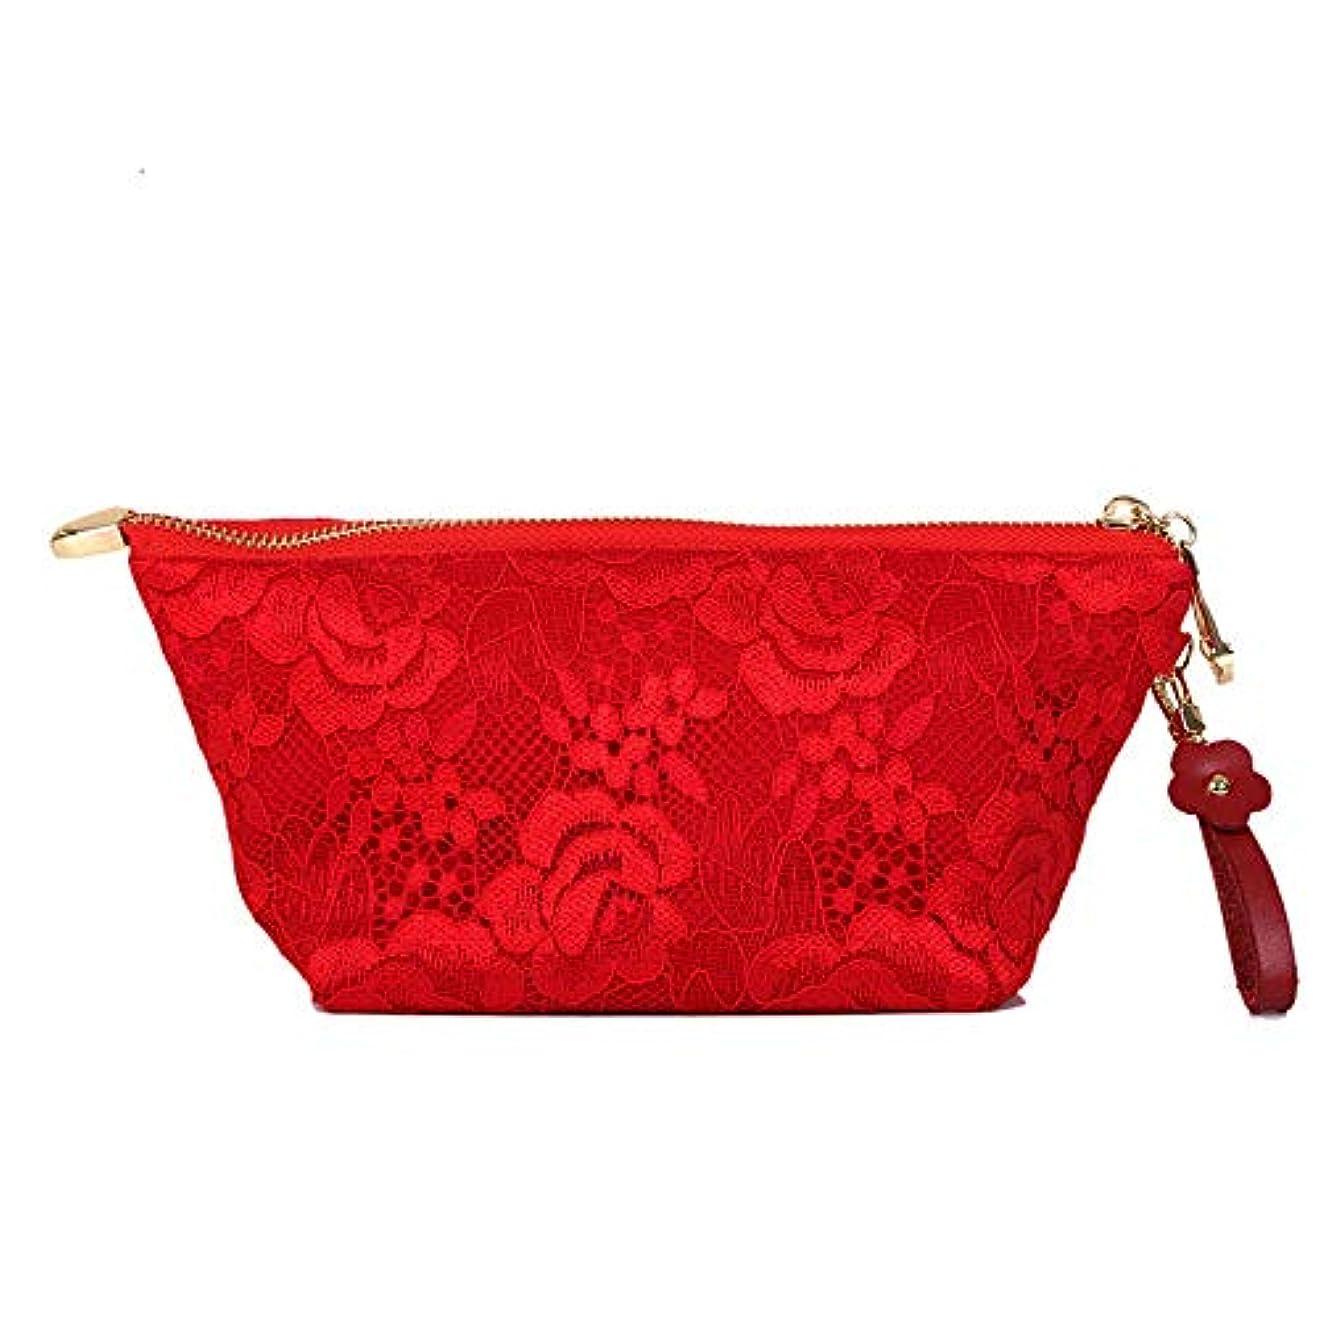 拡大する放棄ブラウスエッセンシャルオイルボックス エッセンシャルオイルのスーツケース収納バイアルの10本のボトル ??- シェル型の赤のクラッチバッグはオイルストレージ統合袋を主催 アロマセラピー収納ボックス (色 : 赤, サイズ : 24.5X11X8.5CM)